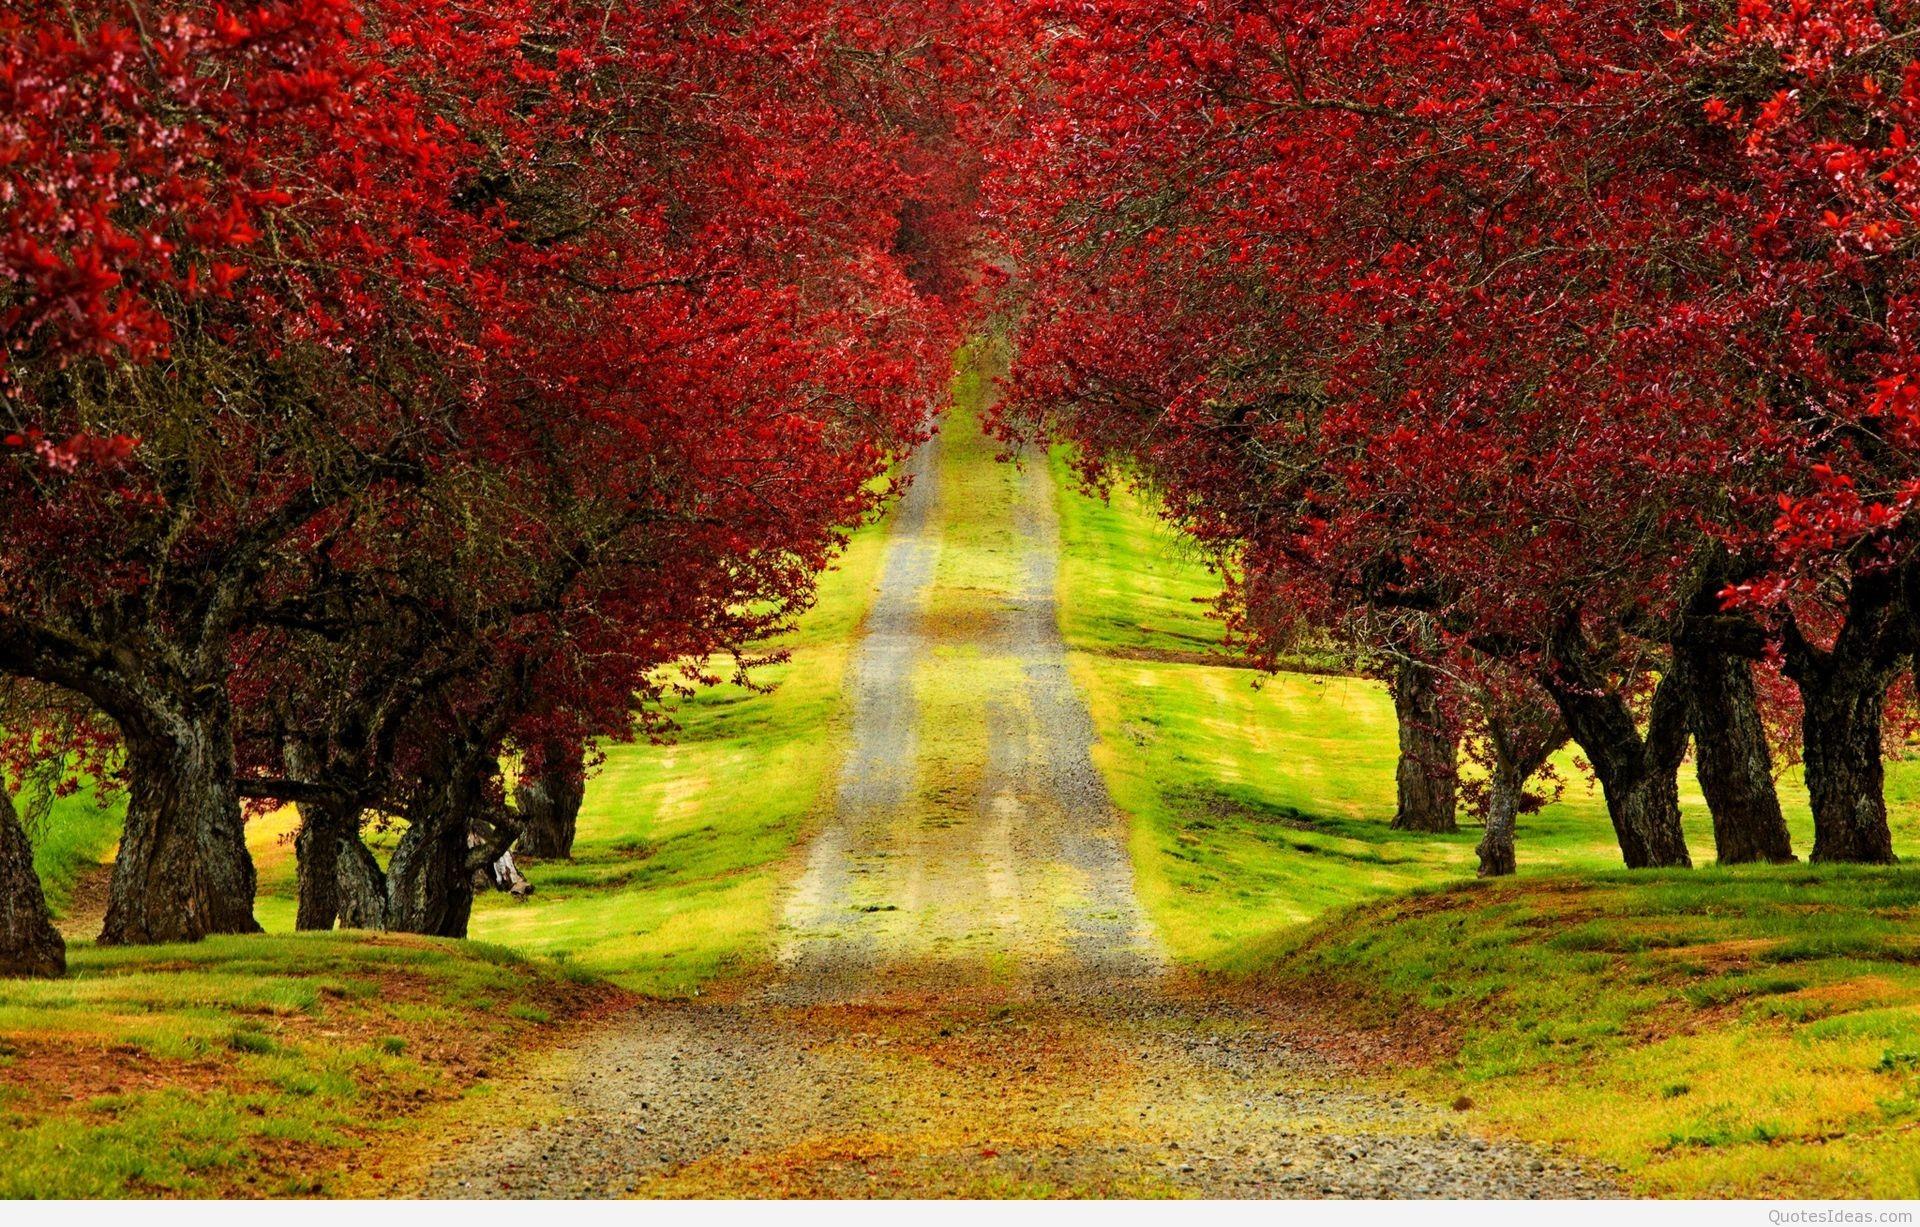 1920x1200 Autumn Wallpaper Hd Widescreen 31 54310 Desktop Wallpapers